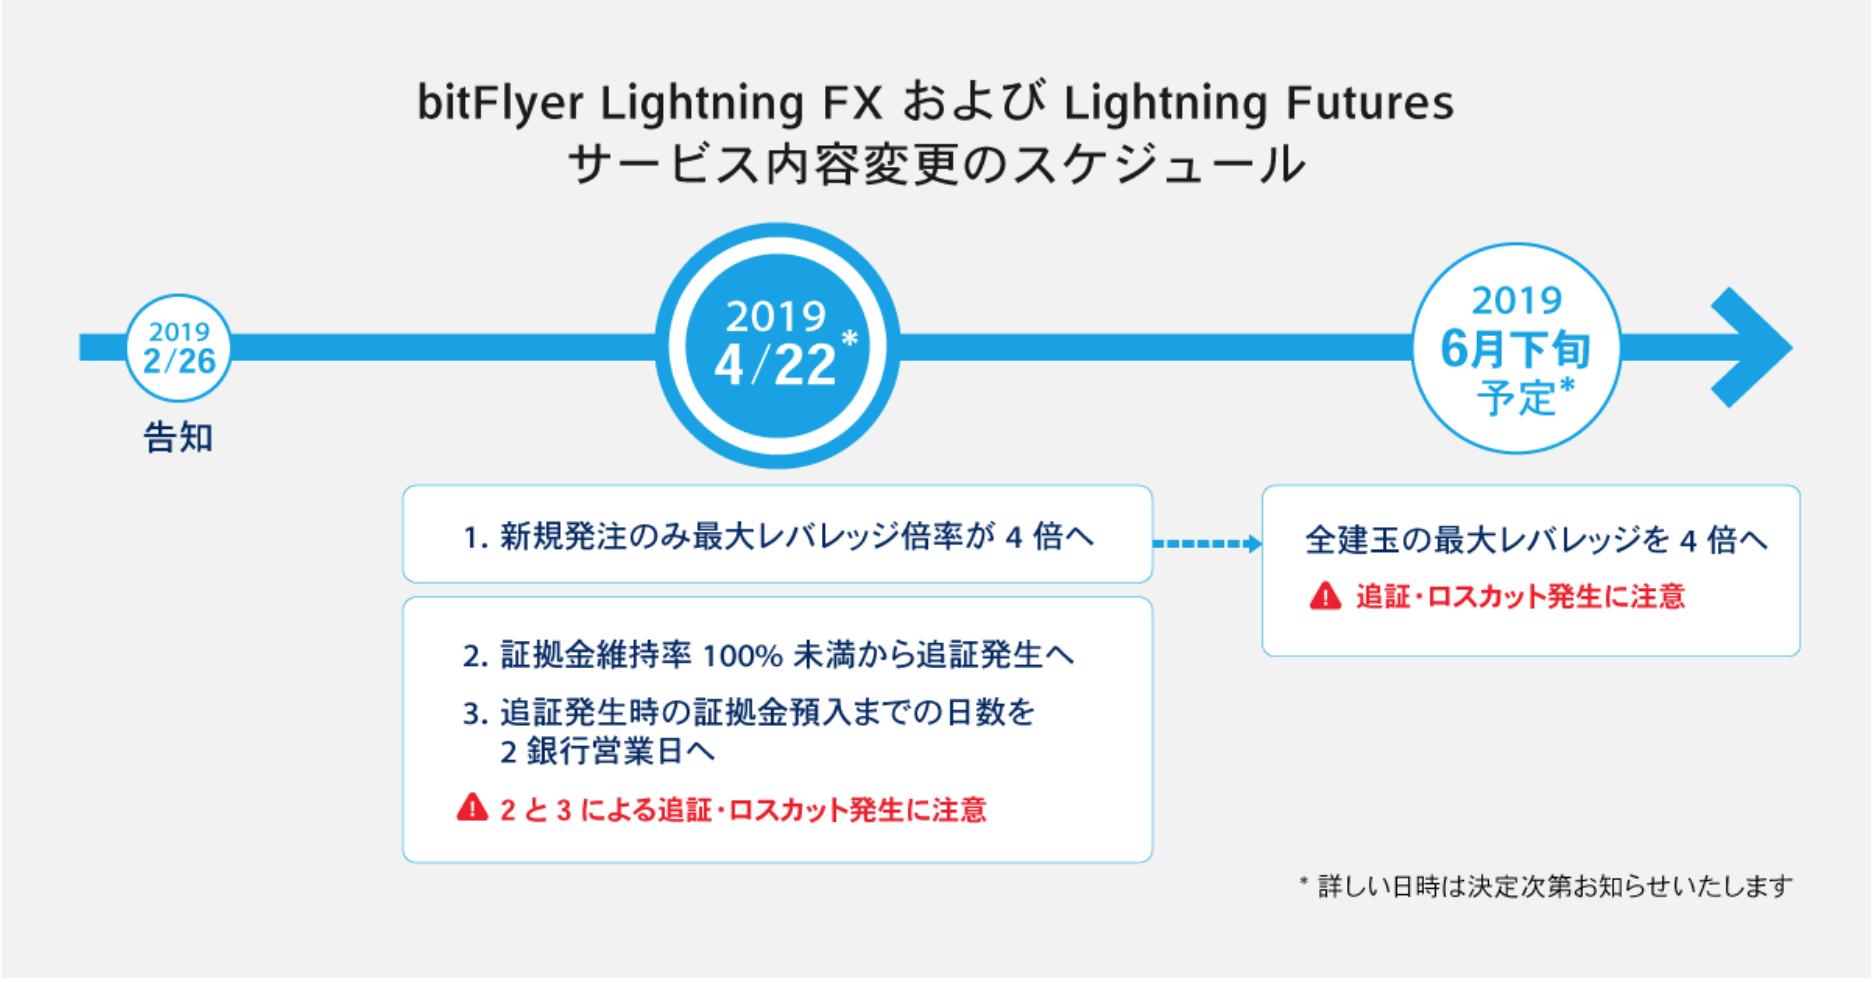 ビットフライヤー社、ライトニングFXにおける最大レバレッジの変更について